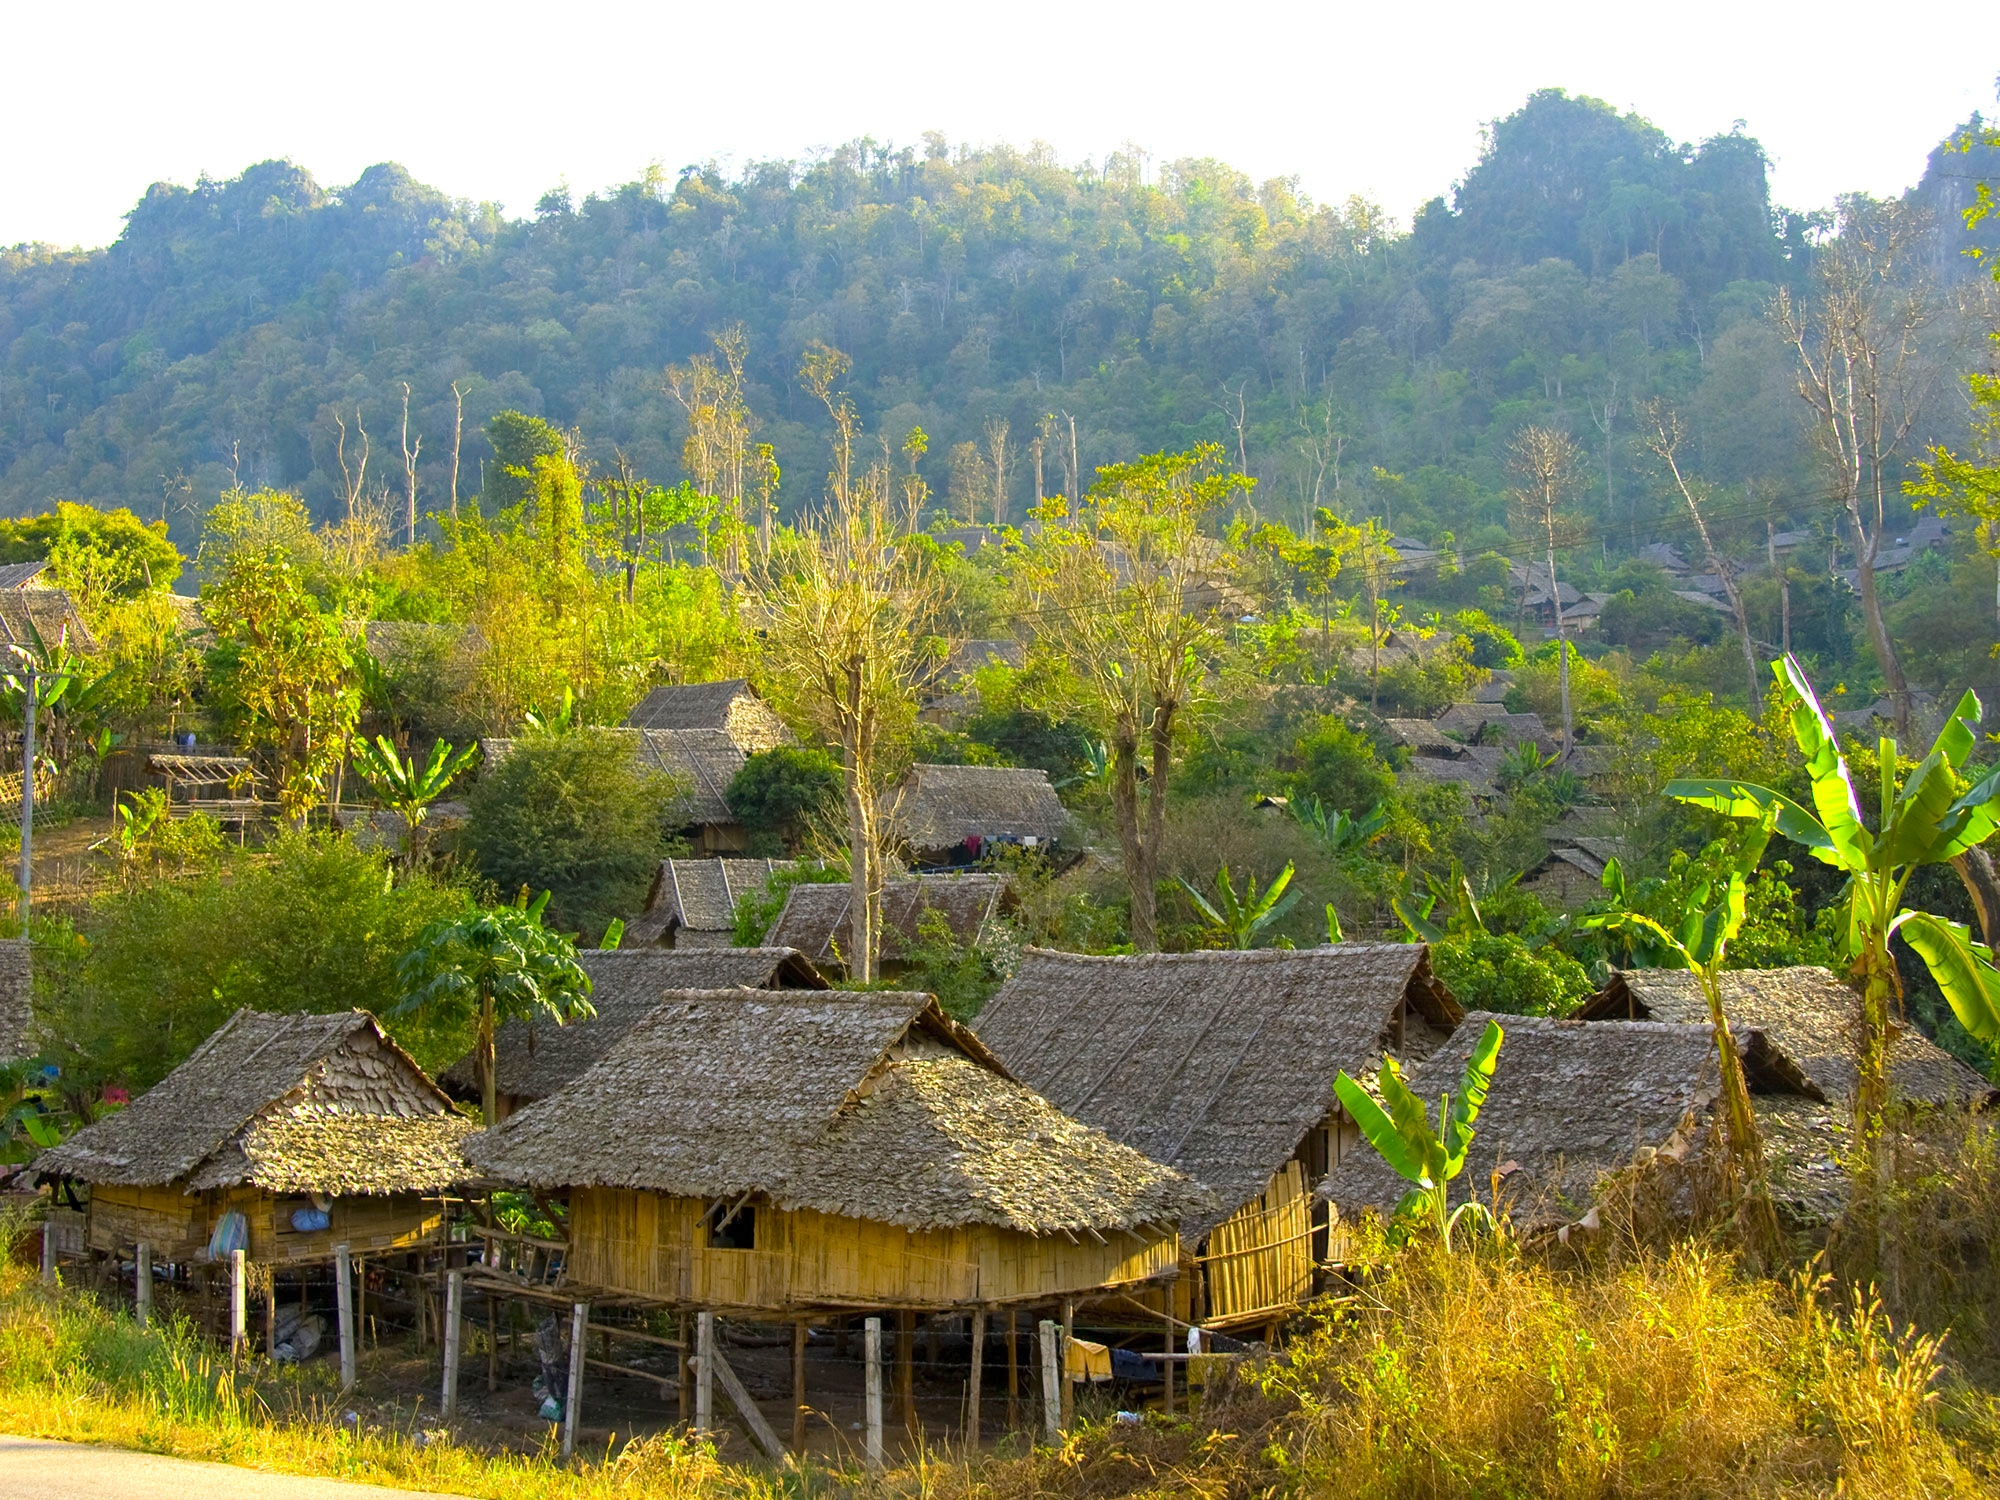 Rencontres au gré des villages birmans